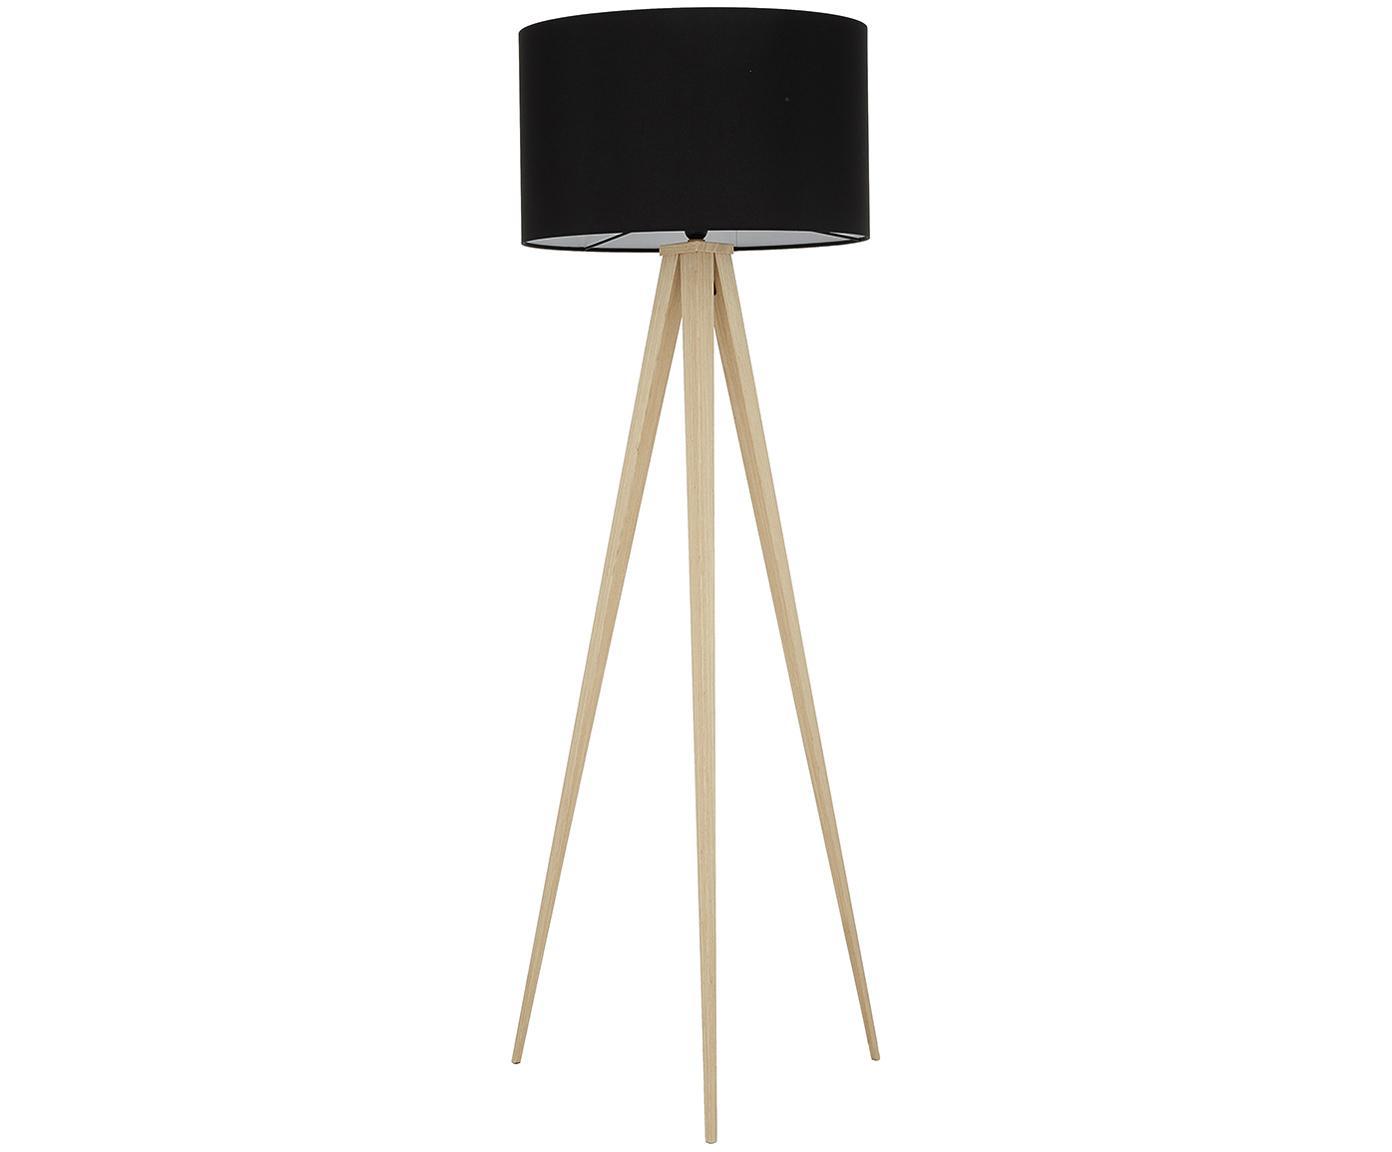 Lampa podłogowa Jake, Klosz: czarny Podstawa lampy: fornir drewniany, Ø 50 x W 154 cm